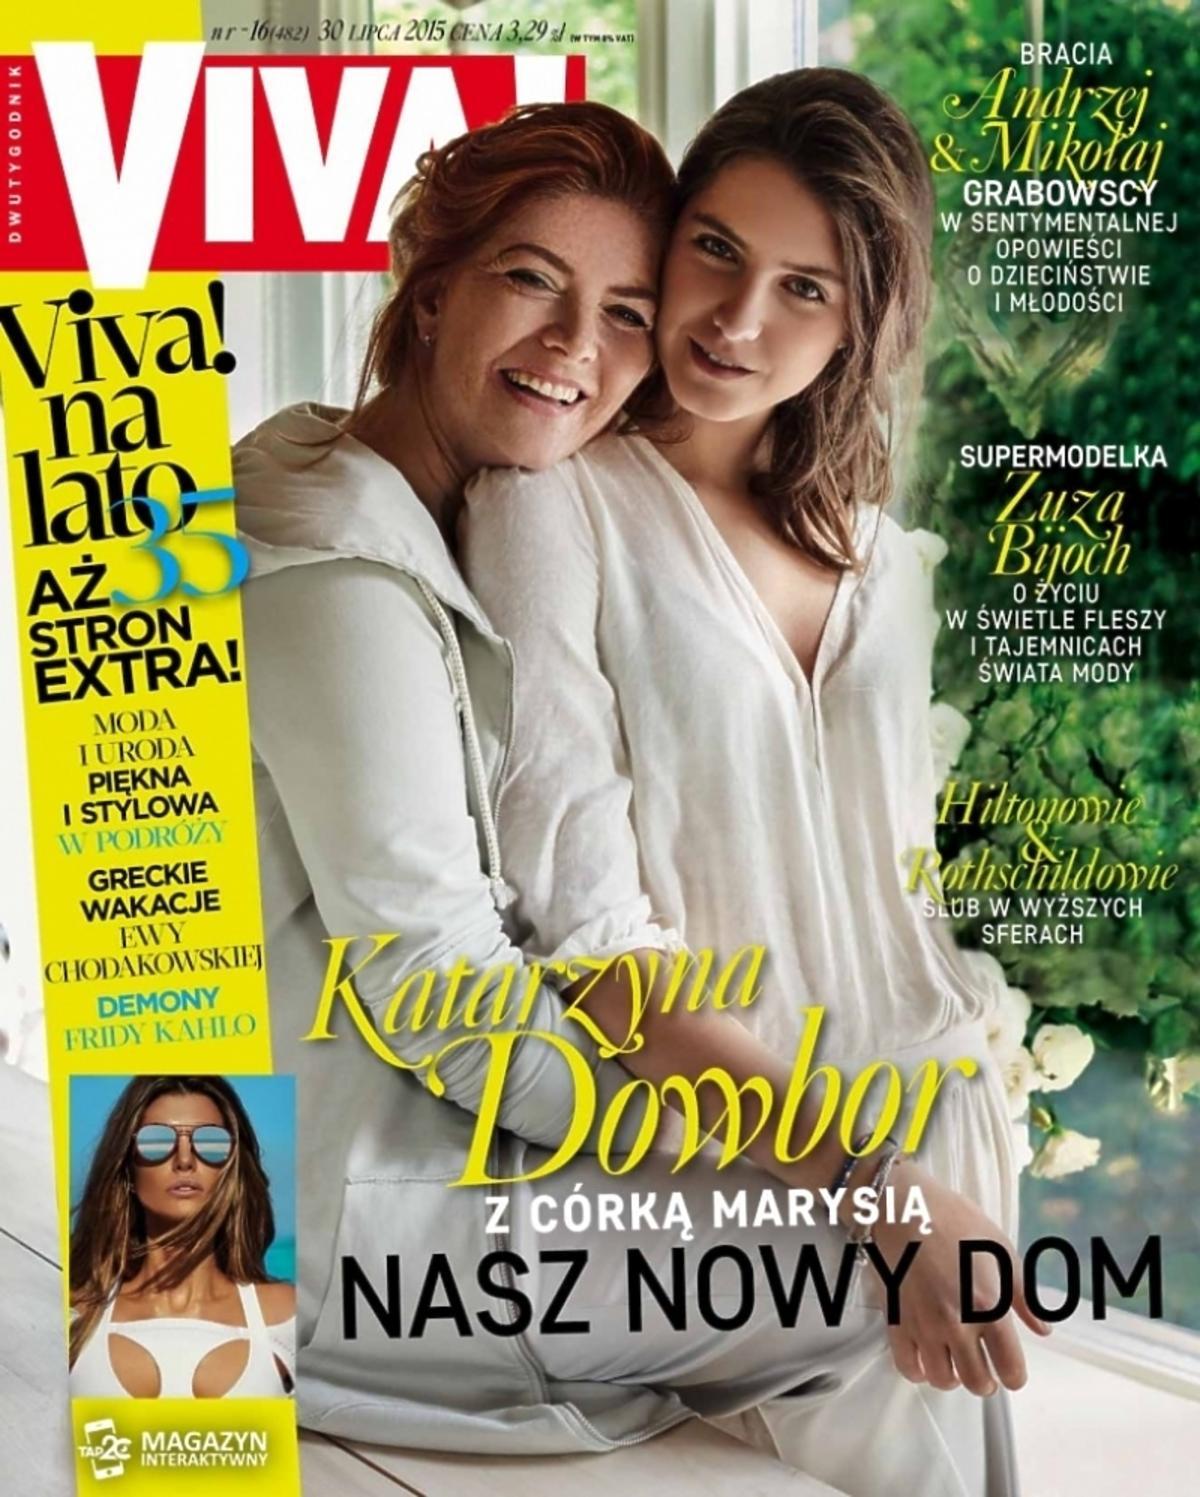 Katarzyna Dowbor z córką na okładce Vivy!